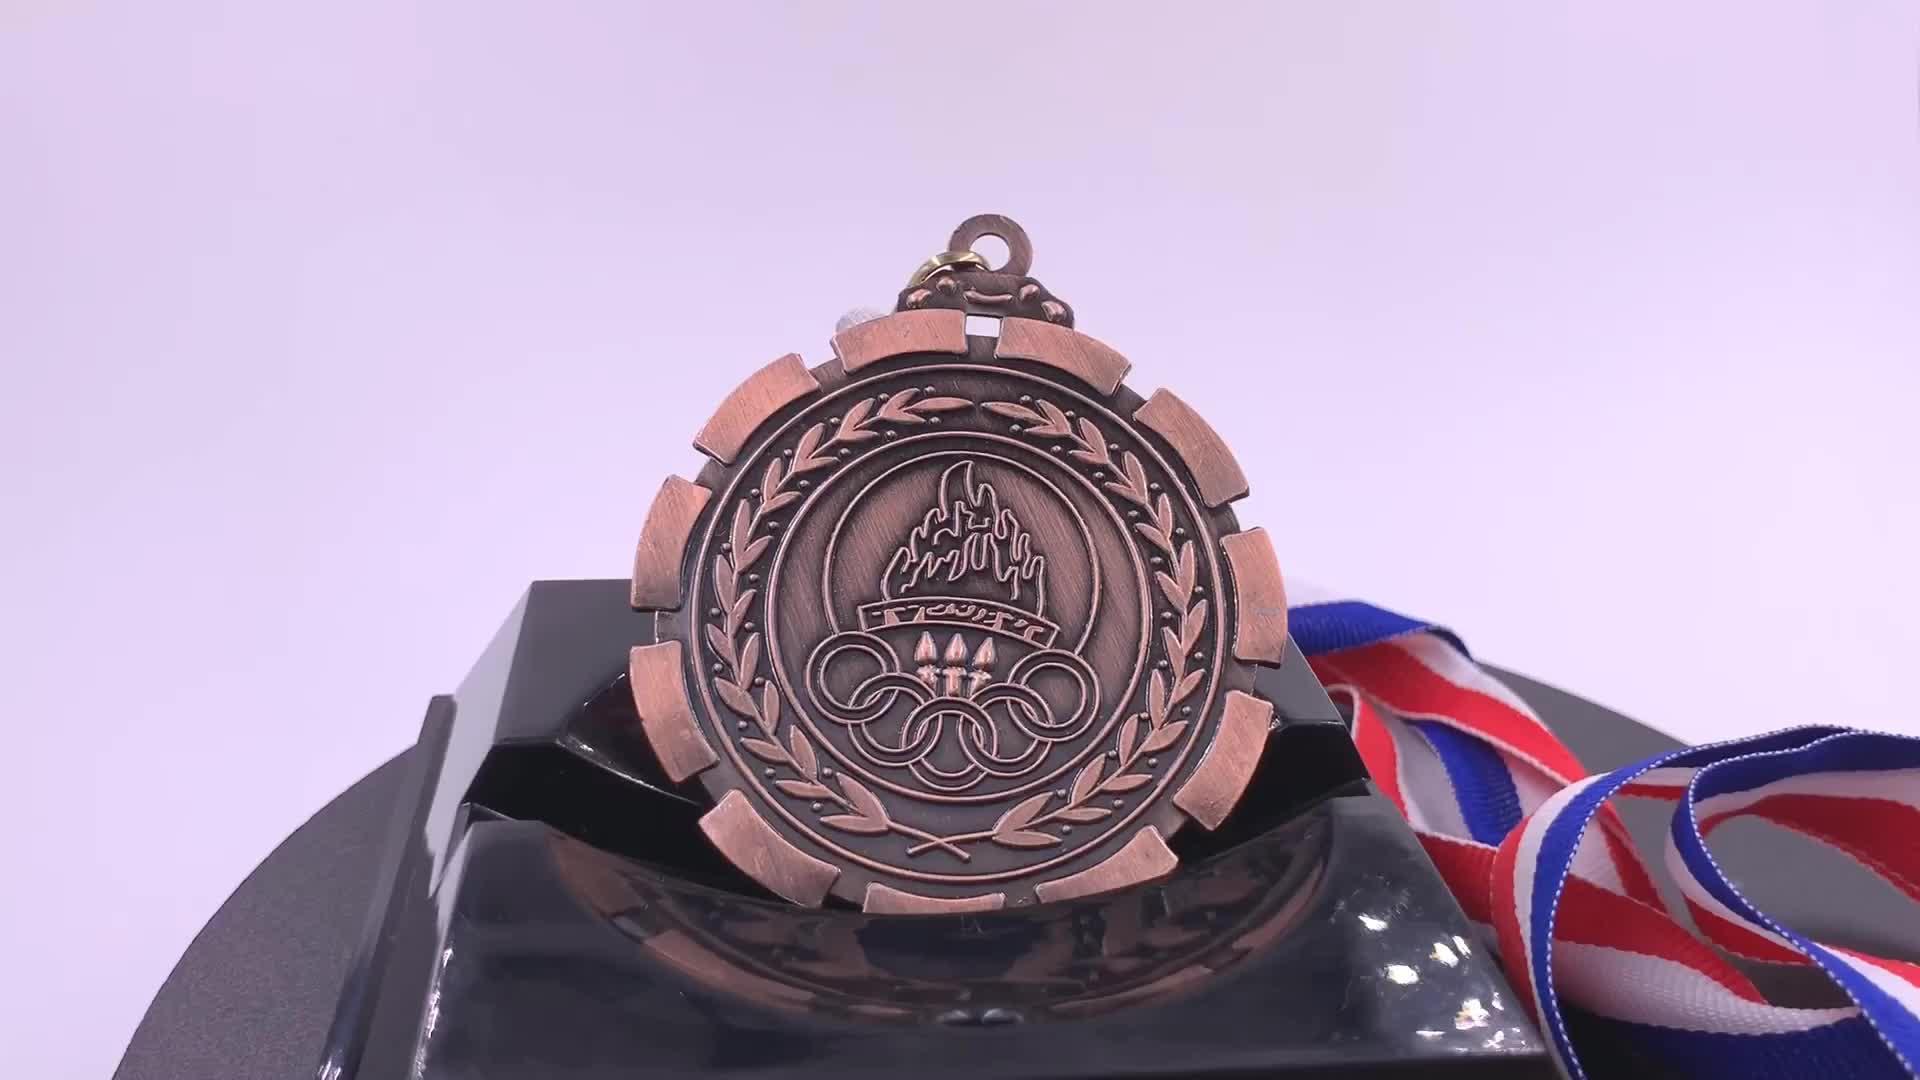 Personalizado Impresso Fitas Medalha Troféu Banhado A Ouro de Cristal Medalha para o Desafio